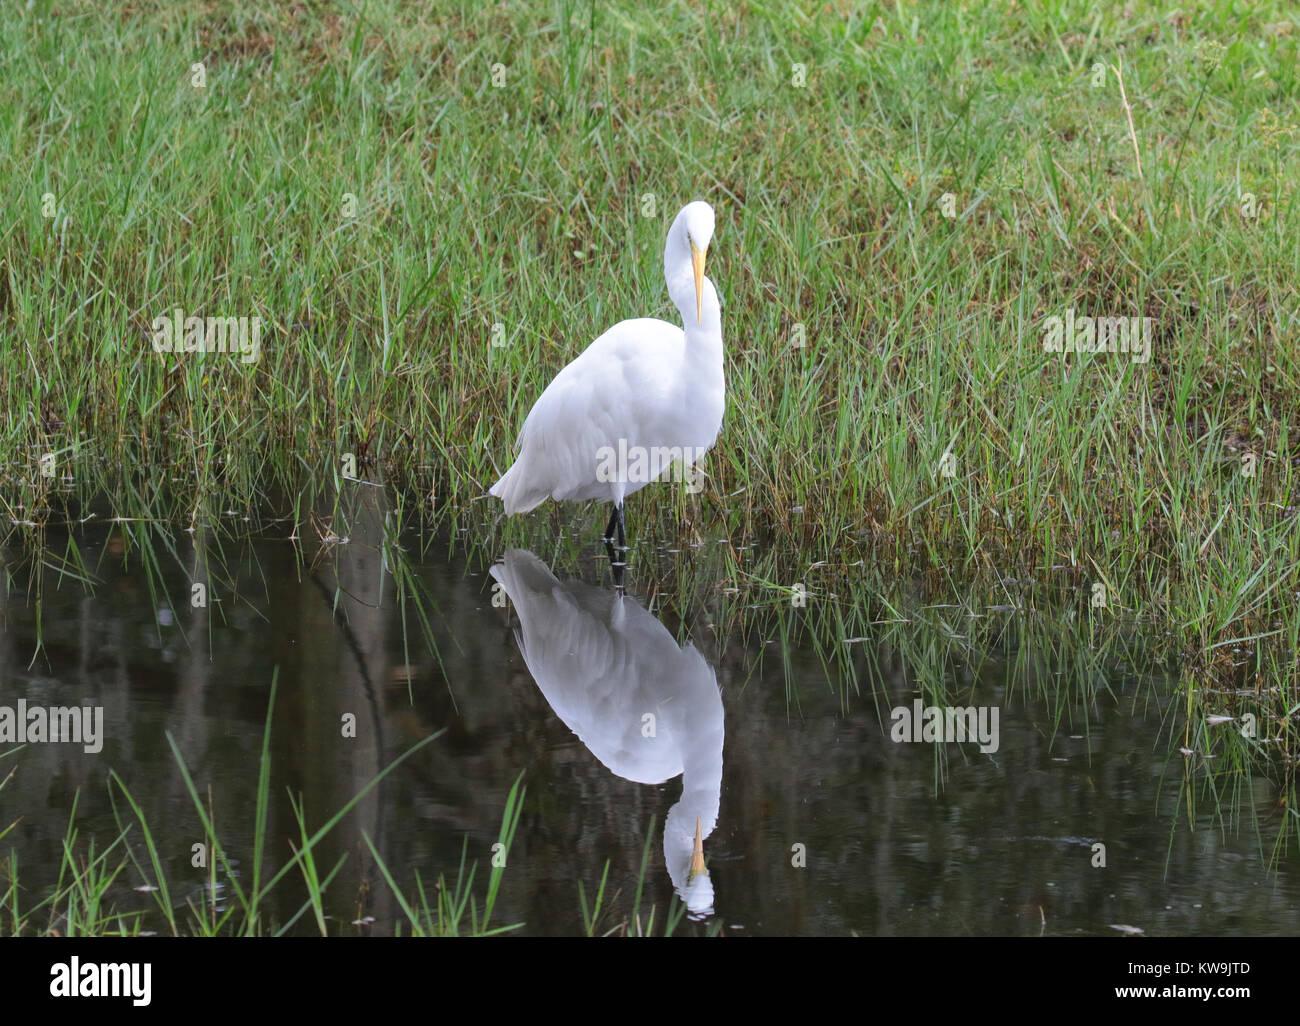 Silberreiher mit Spiegelbild im Wasser Reflexion Stockbild